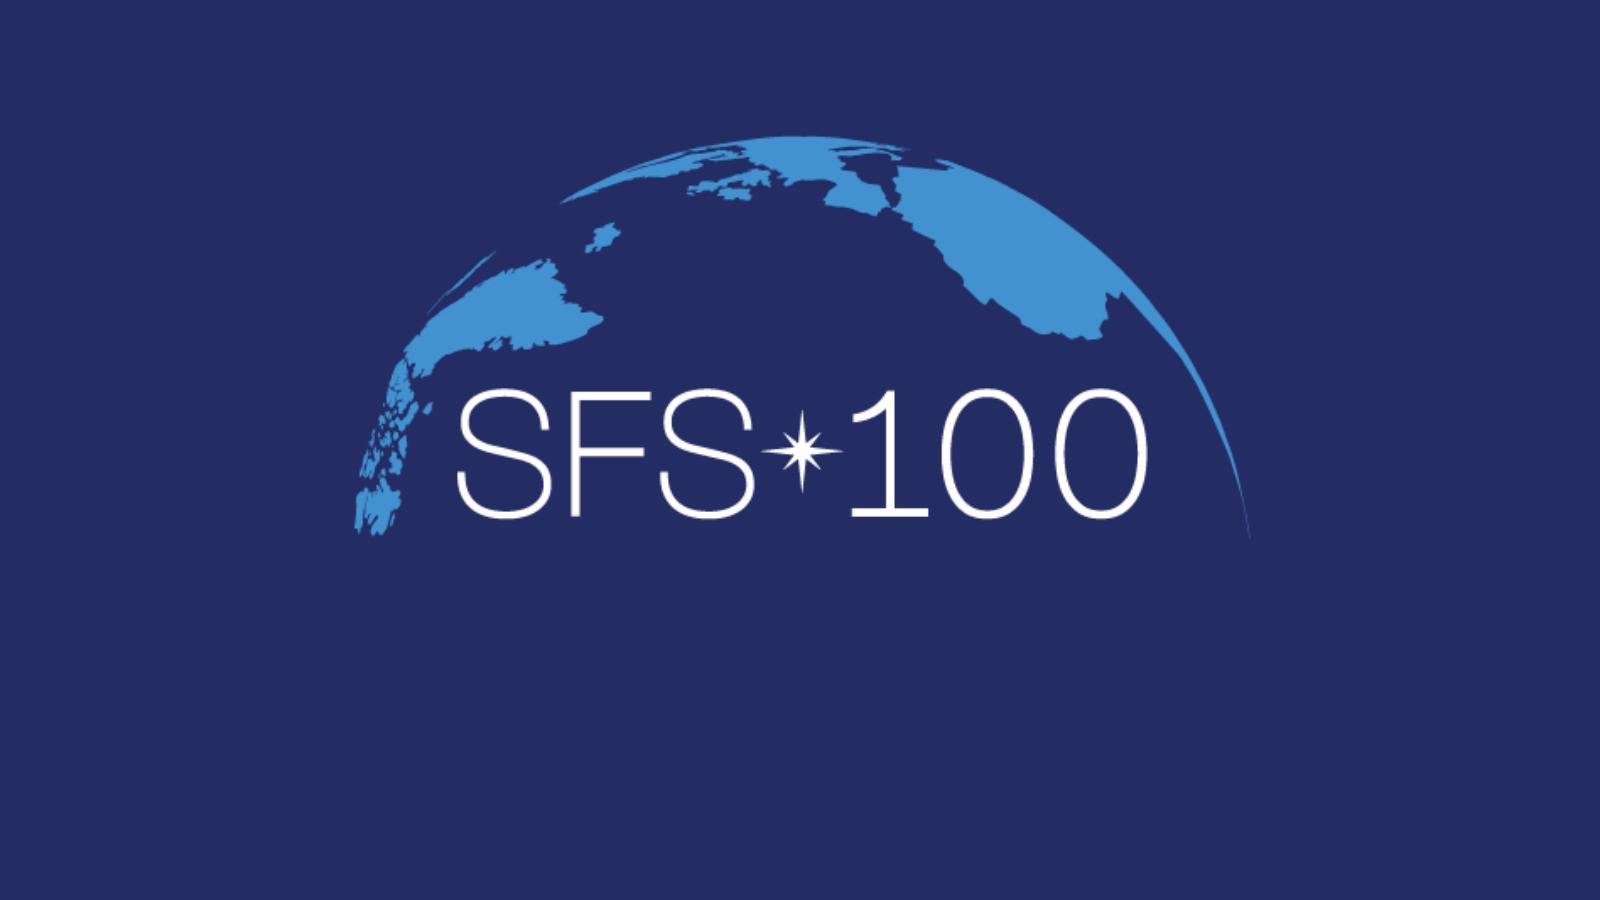 SFS100 Logo Background